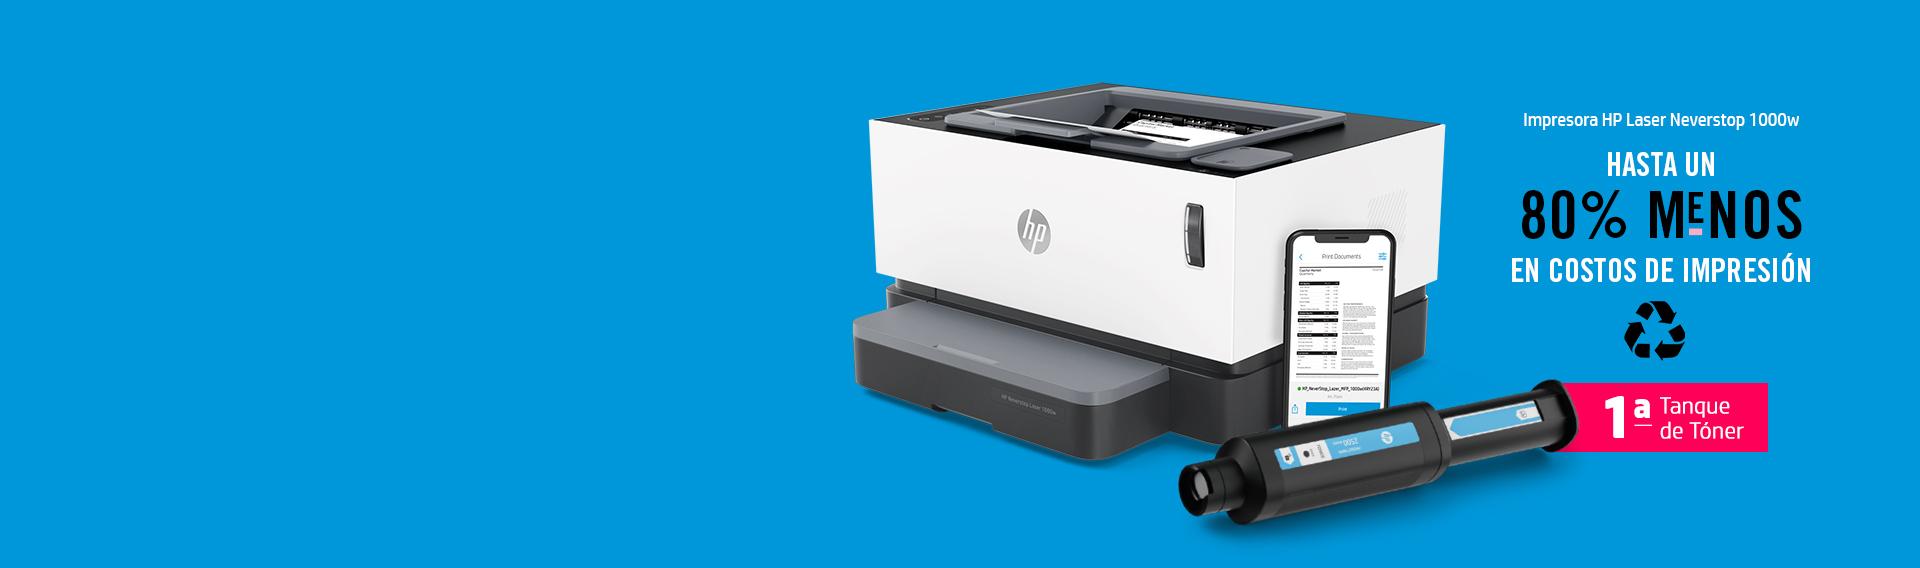 Hasta 80% menos en costos de impresión